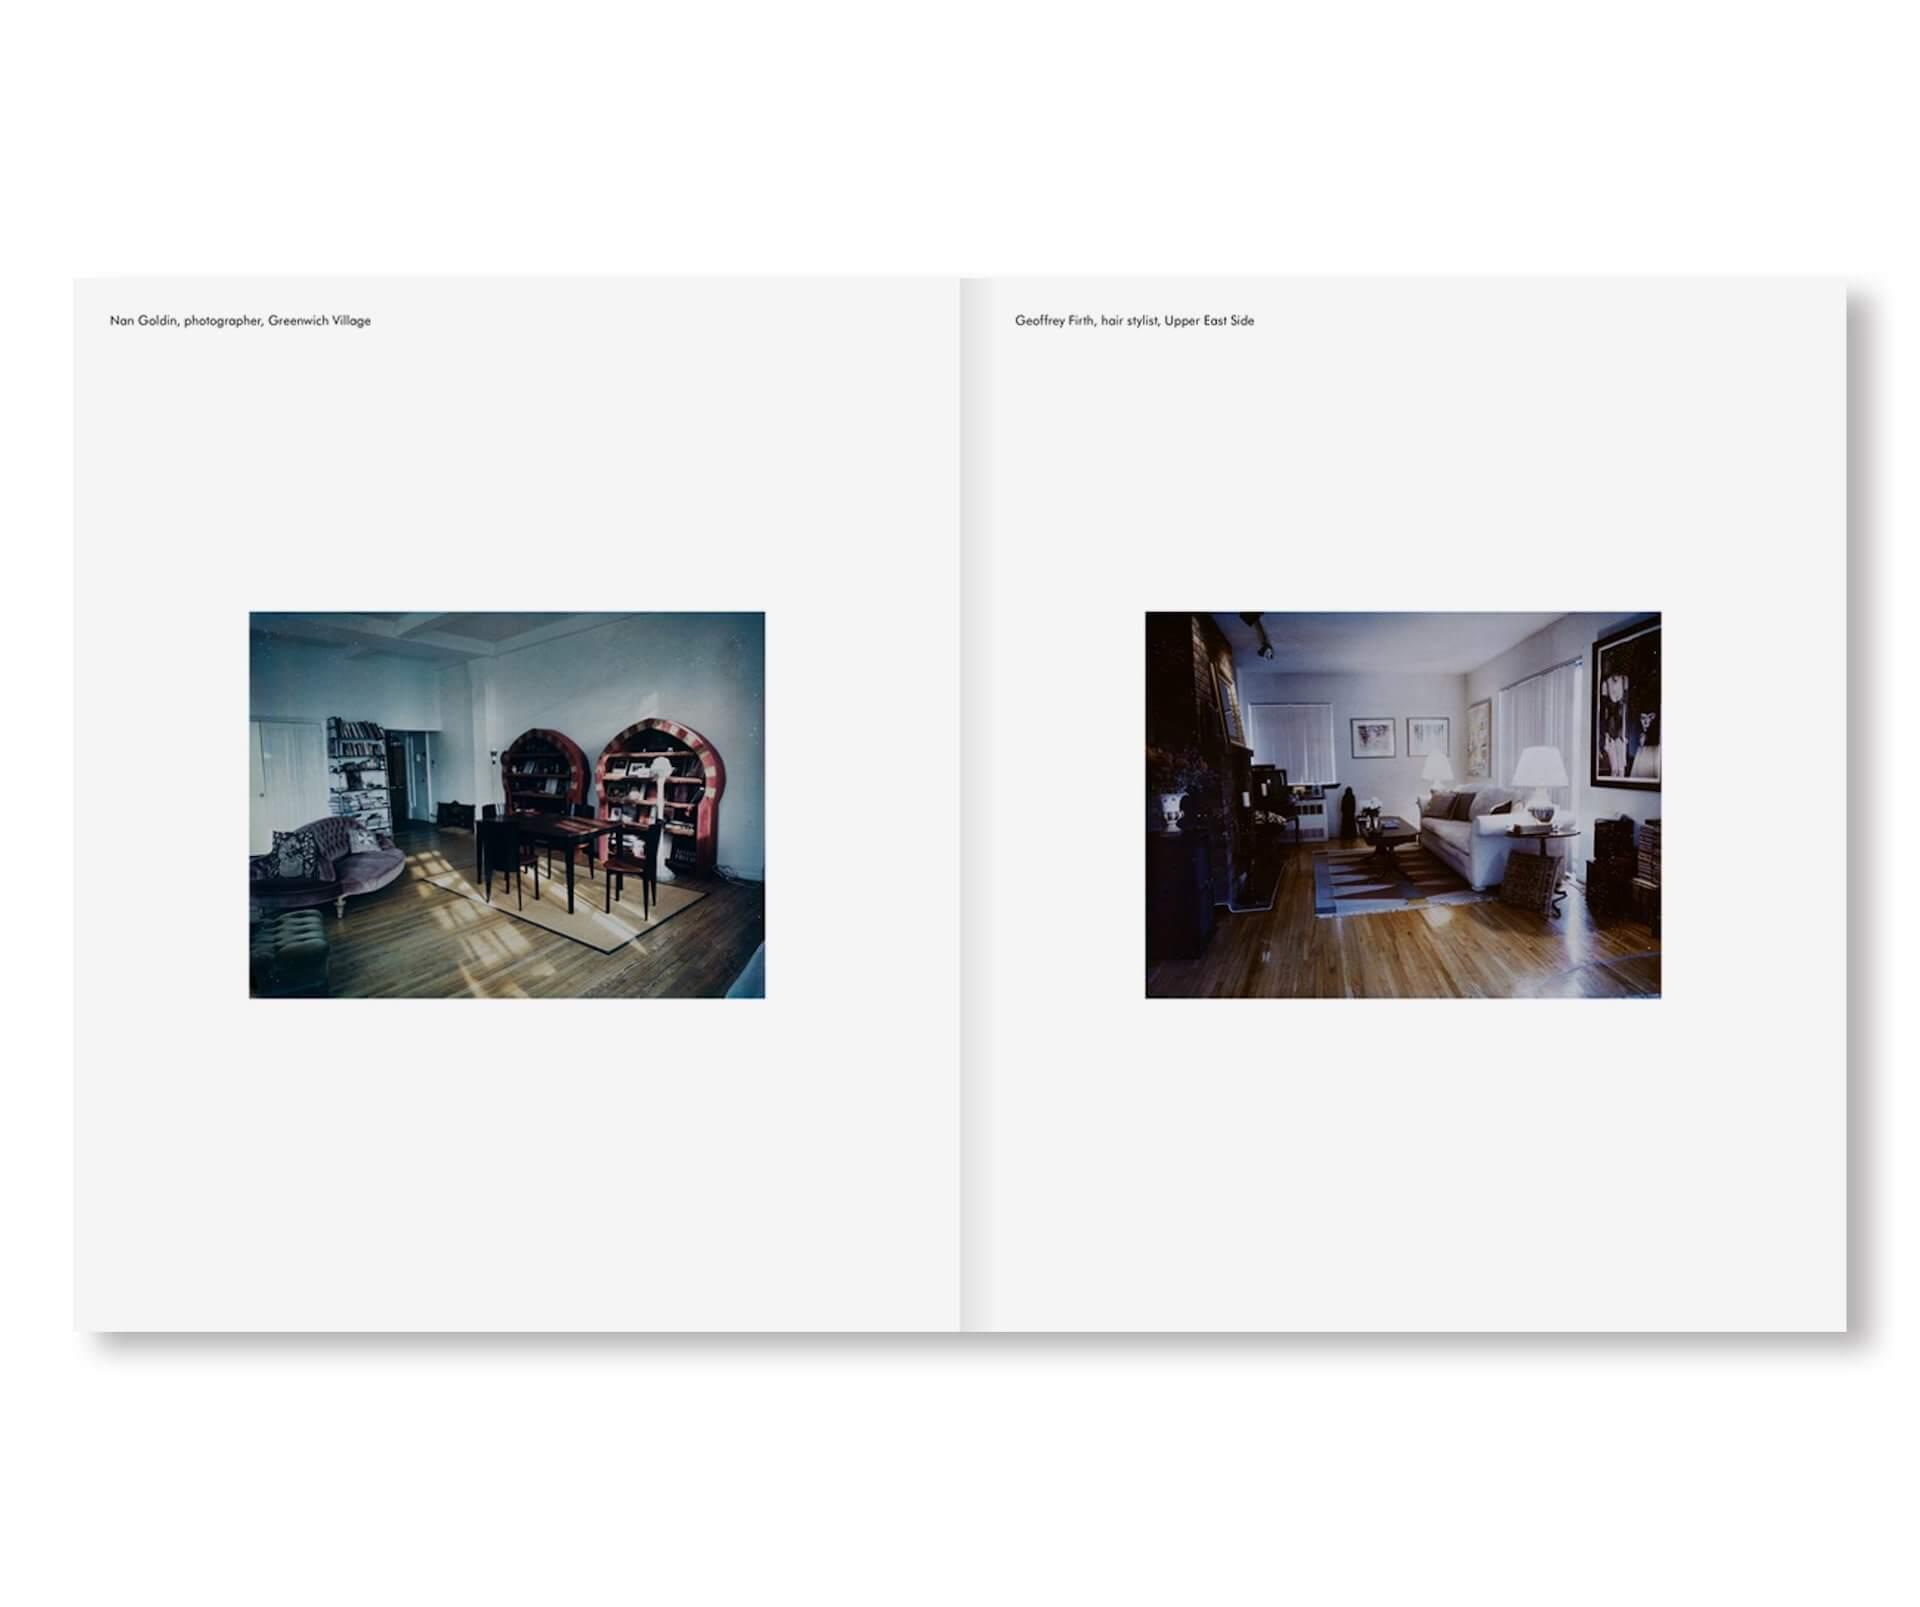 アートブックノススメ|Qetic編集部が選ぶ5冊/Roni Ahn 他 column210916_artbook-07